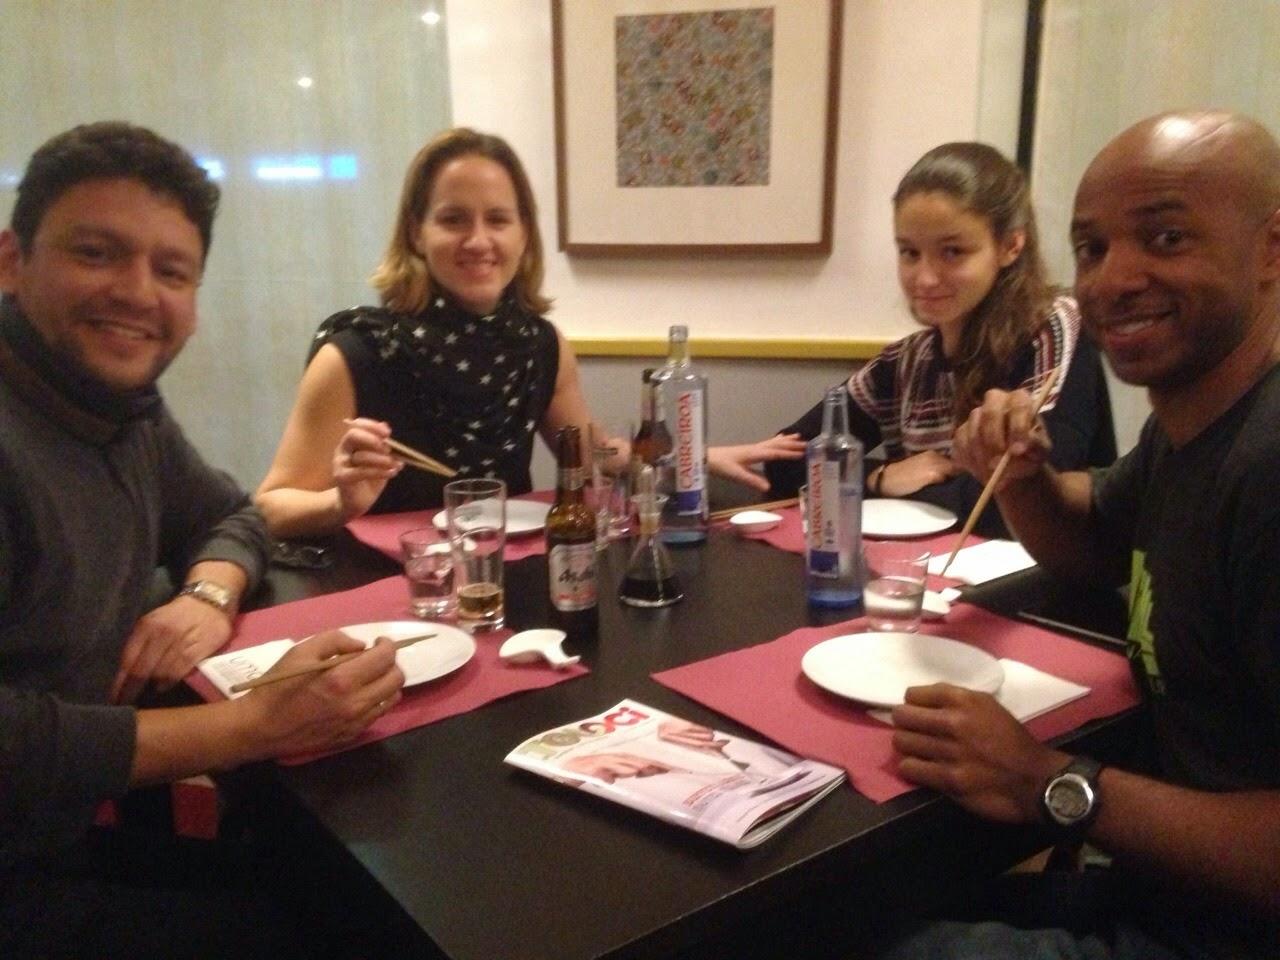 Japanese dinner in Spain